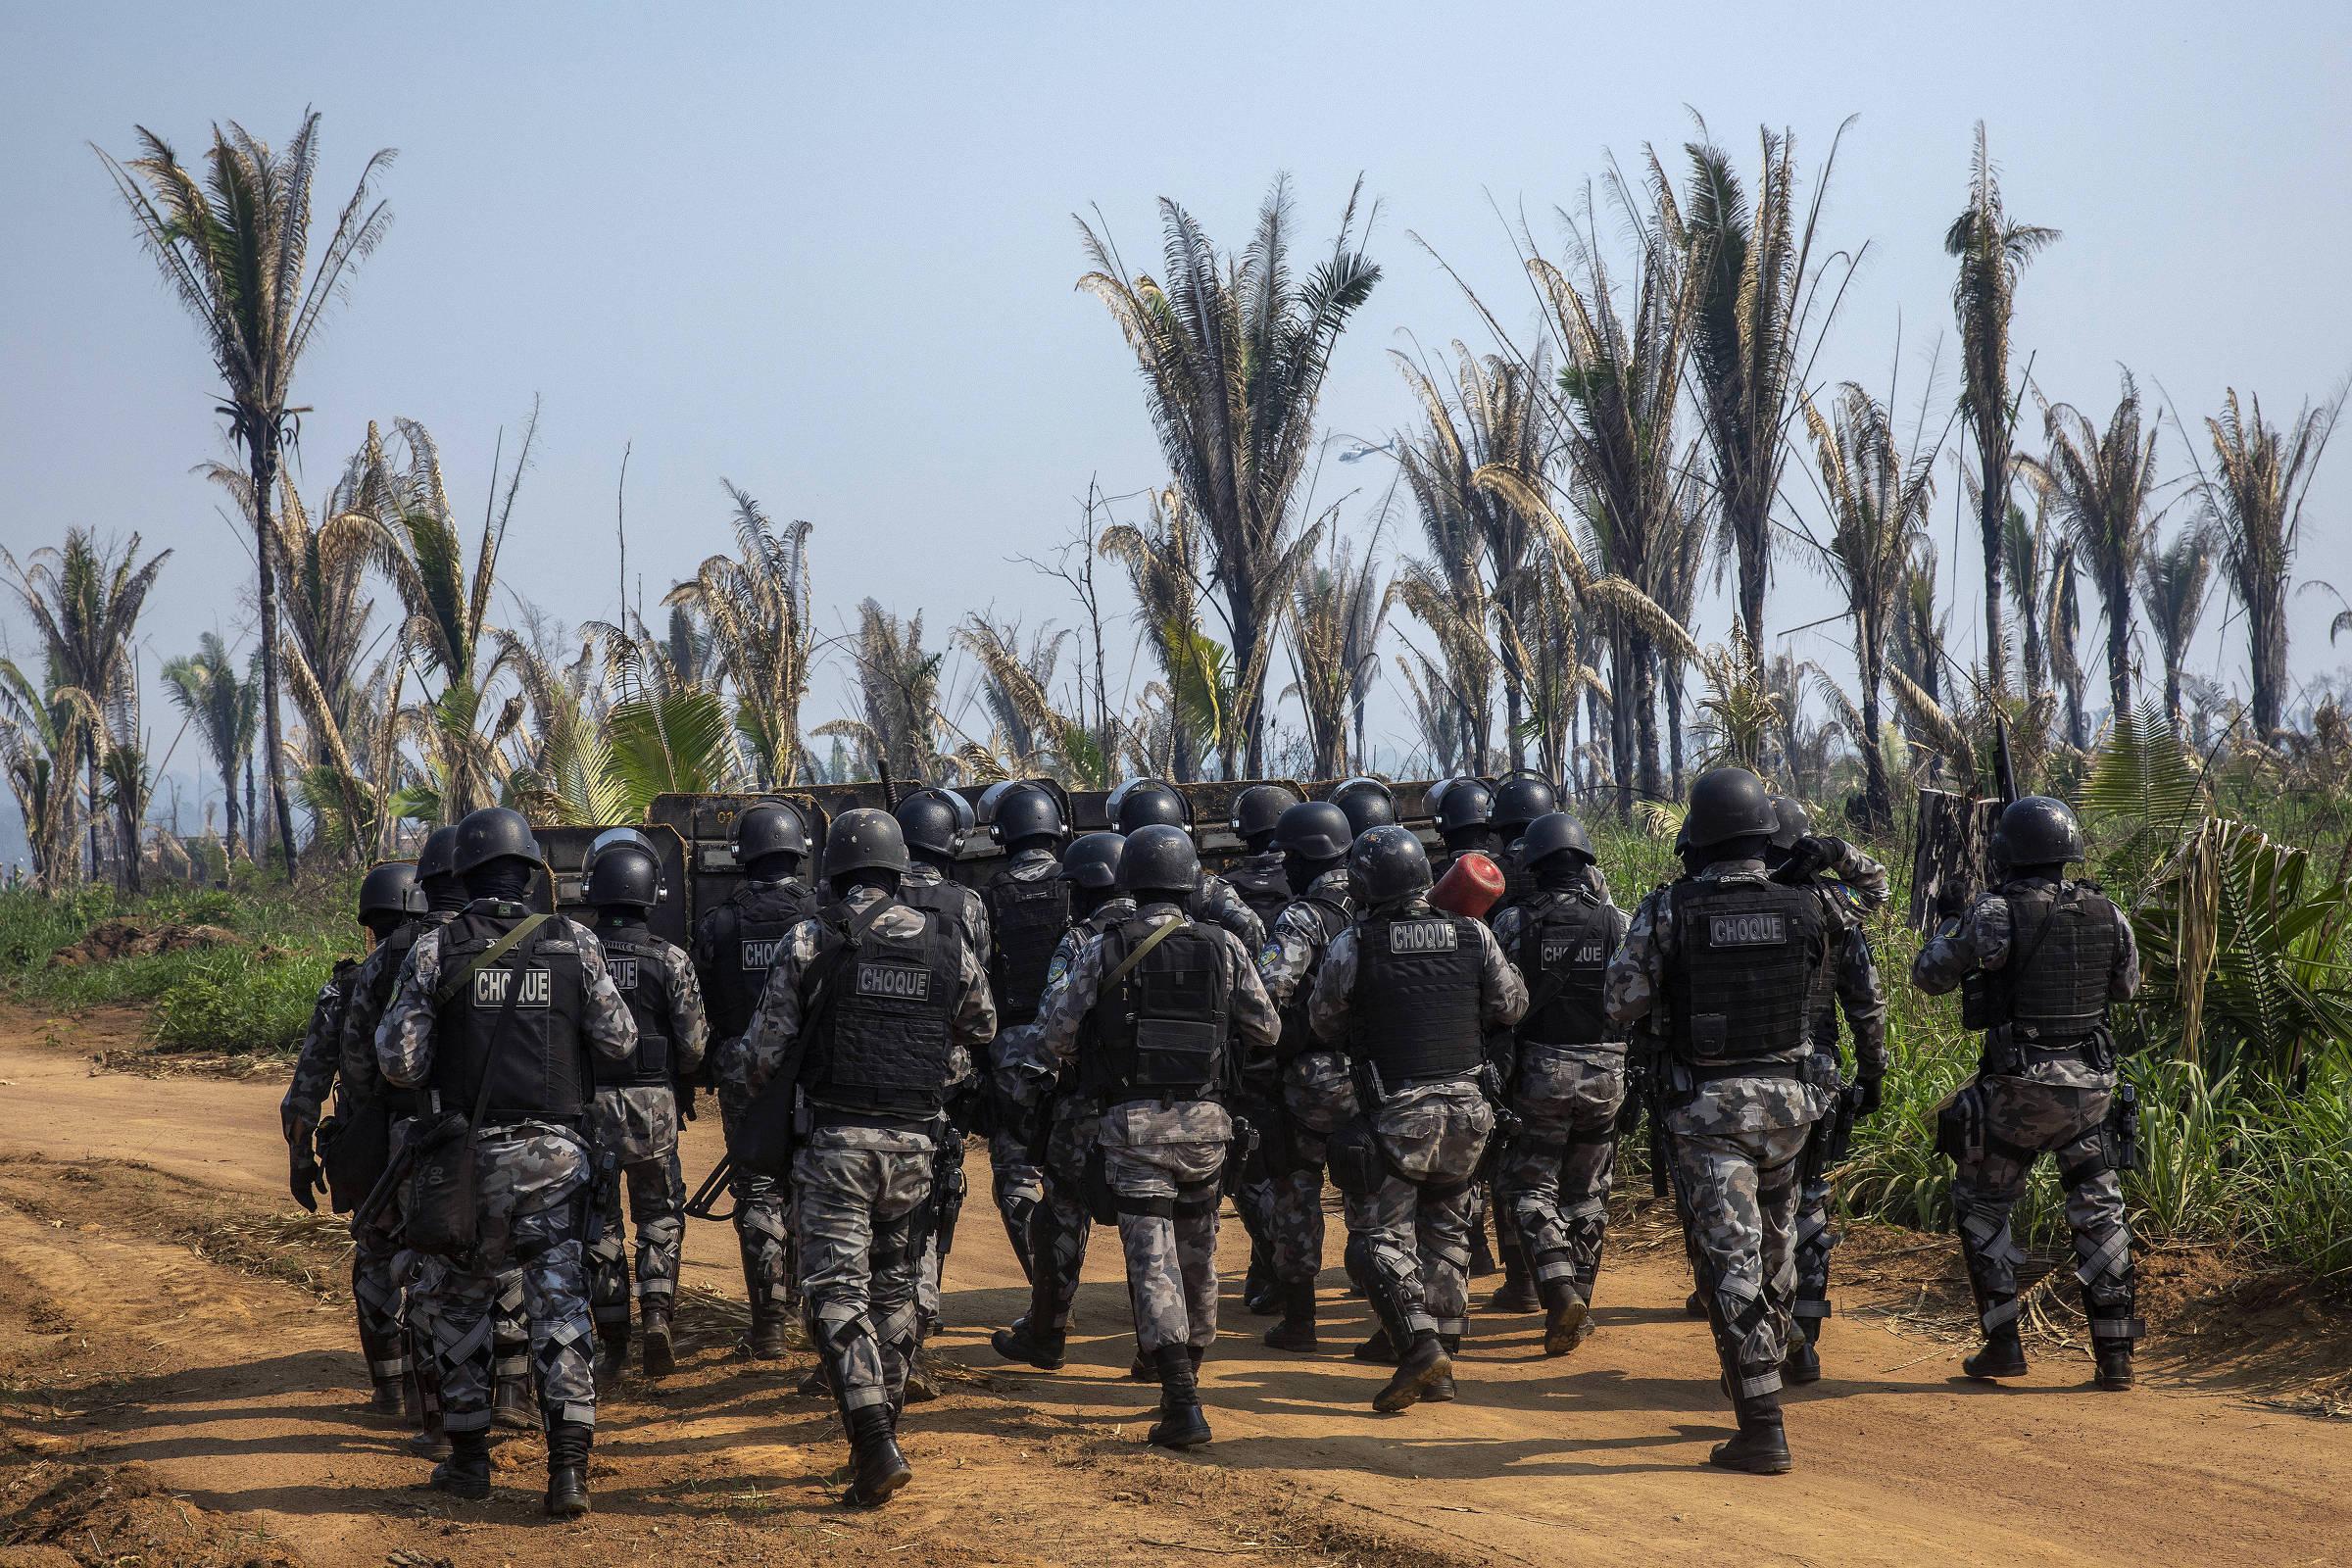 Tropa de choque da PM caminha dentro da Floresta Nacional Bom Futuro, em Rondônia, para cumprir mandado de reintegração de posse de invasão dentro da reserva, em 2019